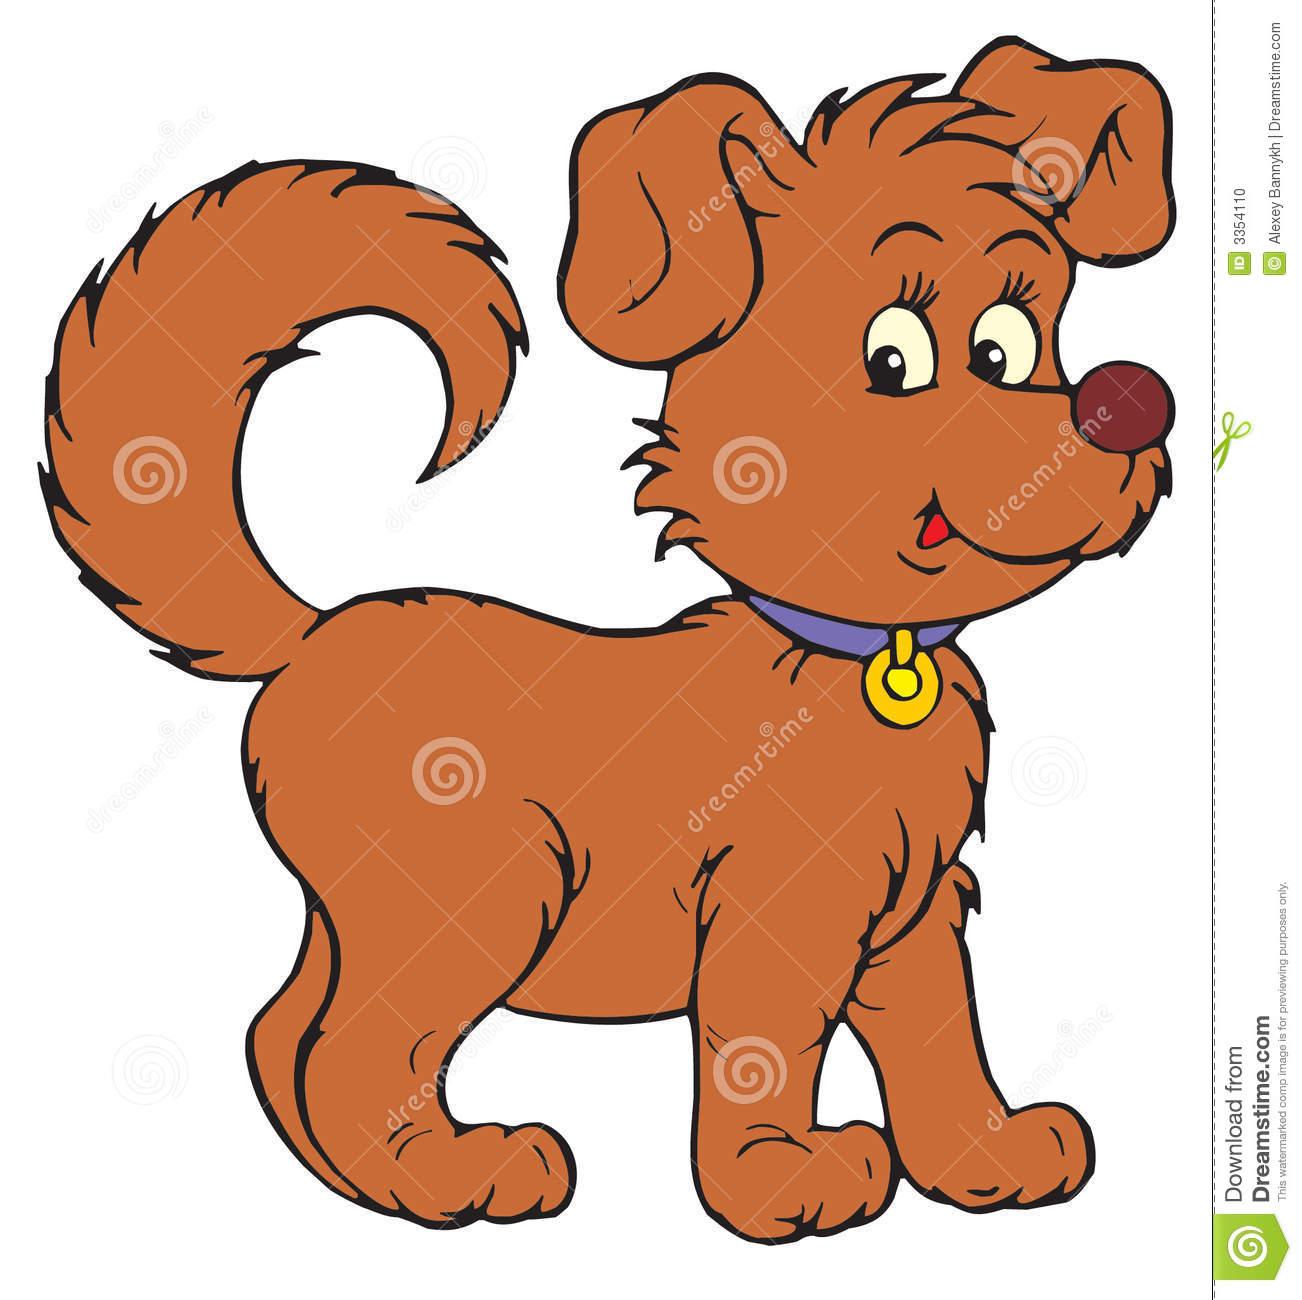 Dog clipart stock. Vector clip art photos